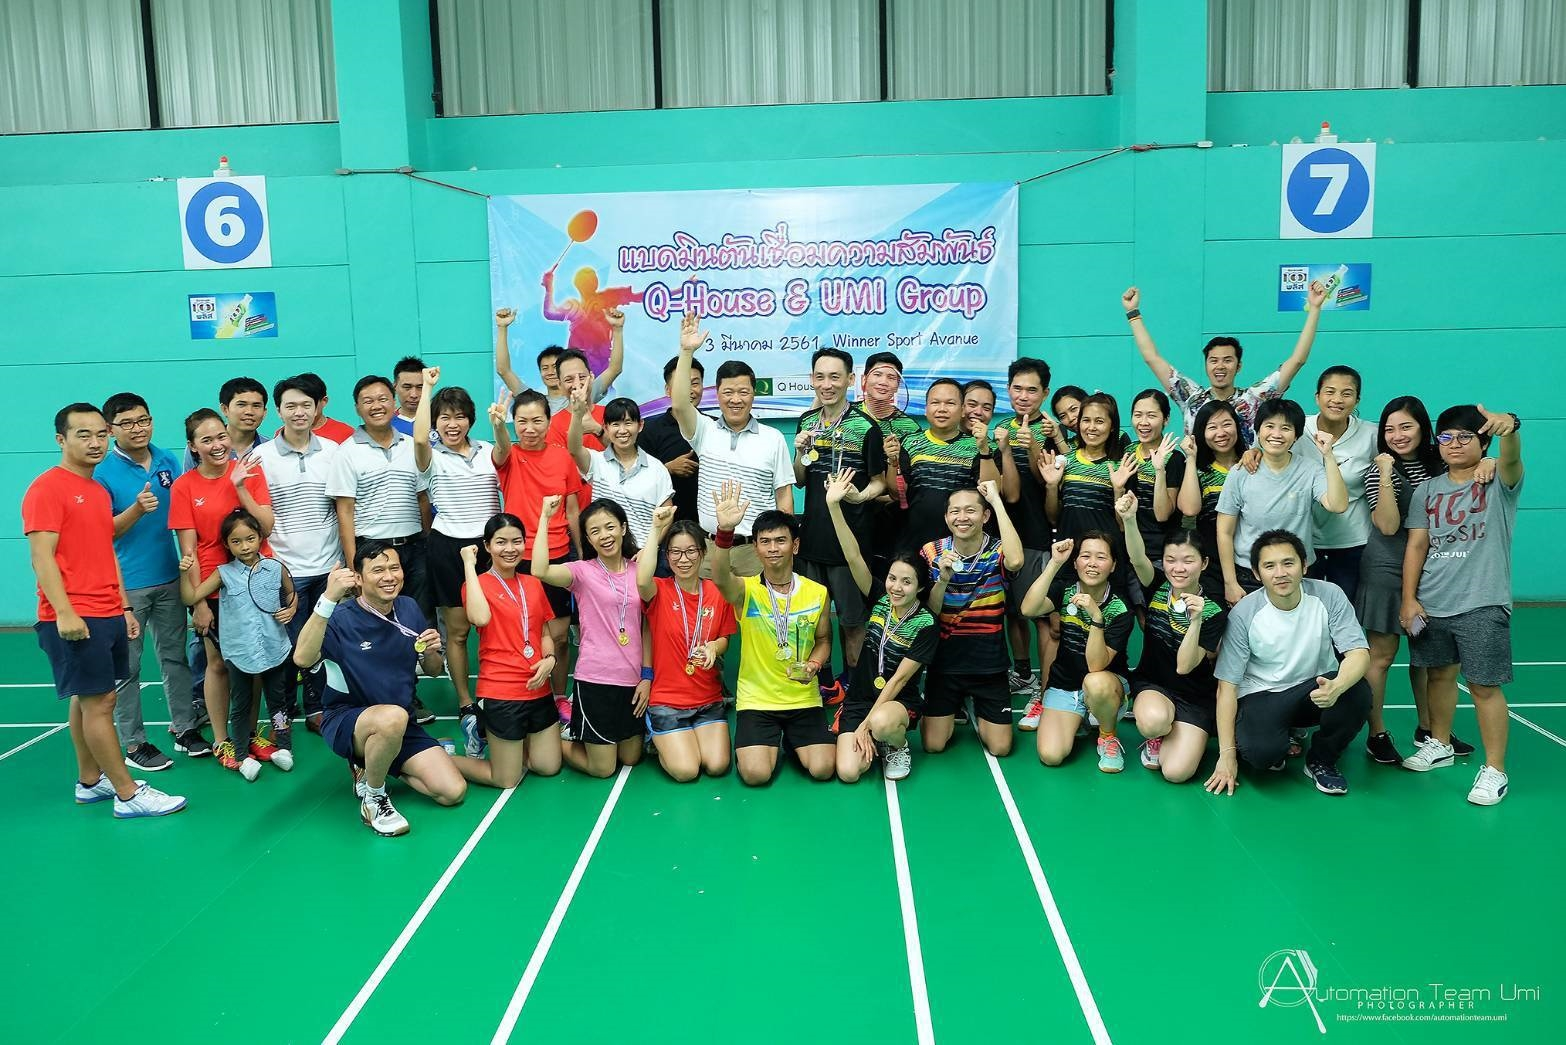 UMI Group และ Q House จัดกีฬาแบดมินตันเชื่อมความสัมพันธ์